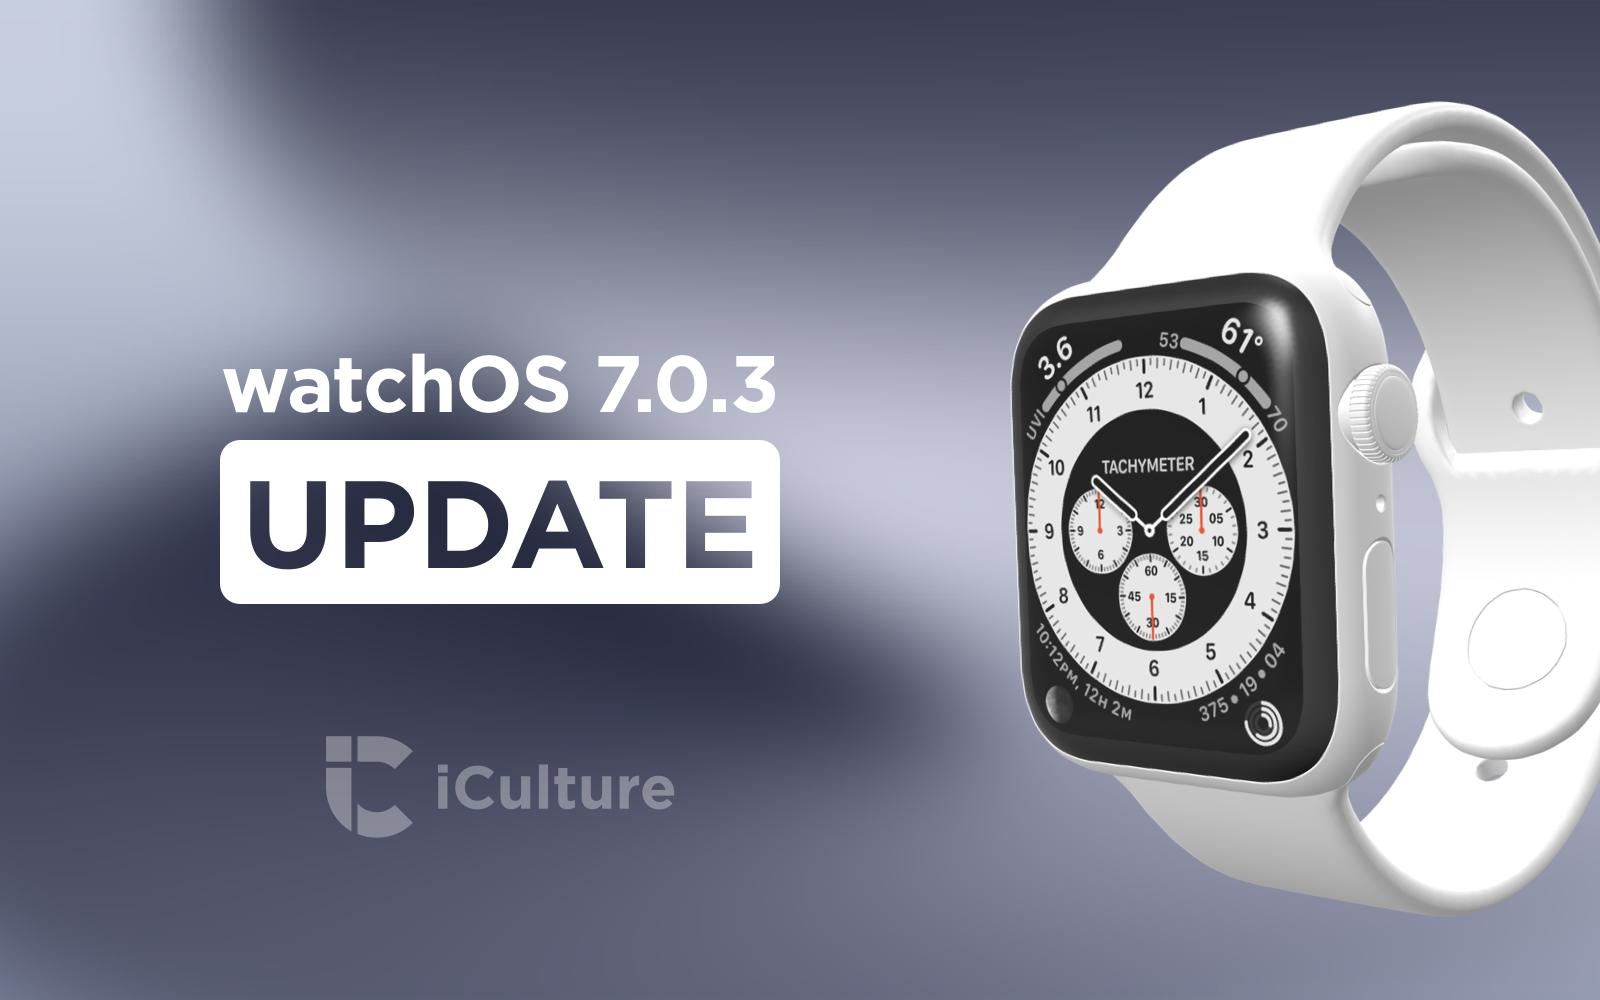 watchOS 7.0.3 Update.